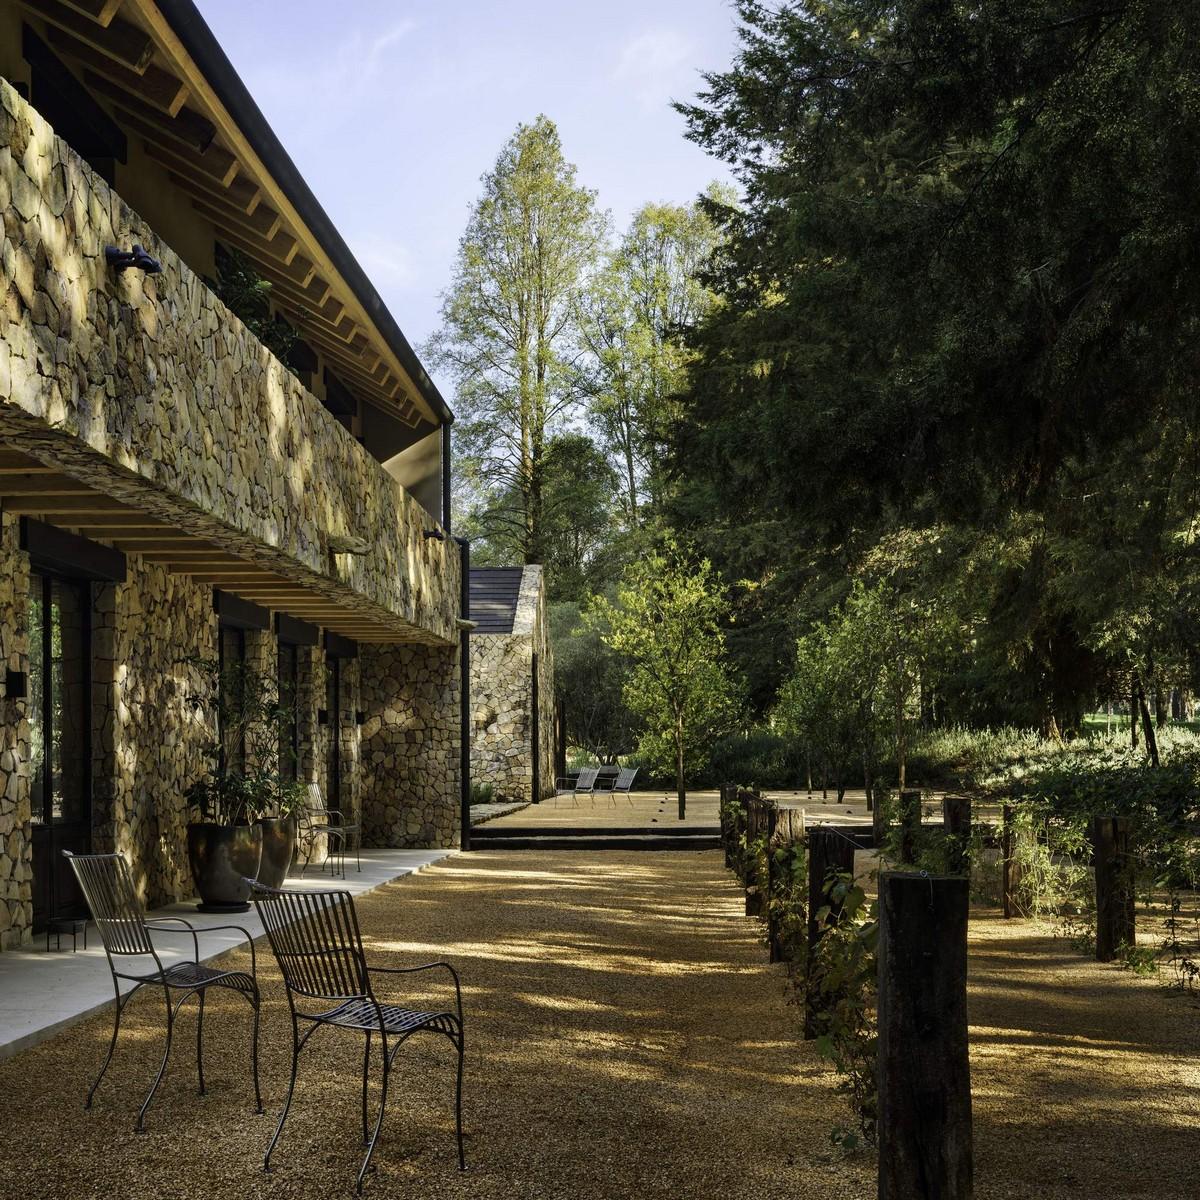 Современное ранчо в стиле классической асьенды в Мексике